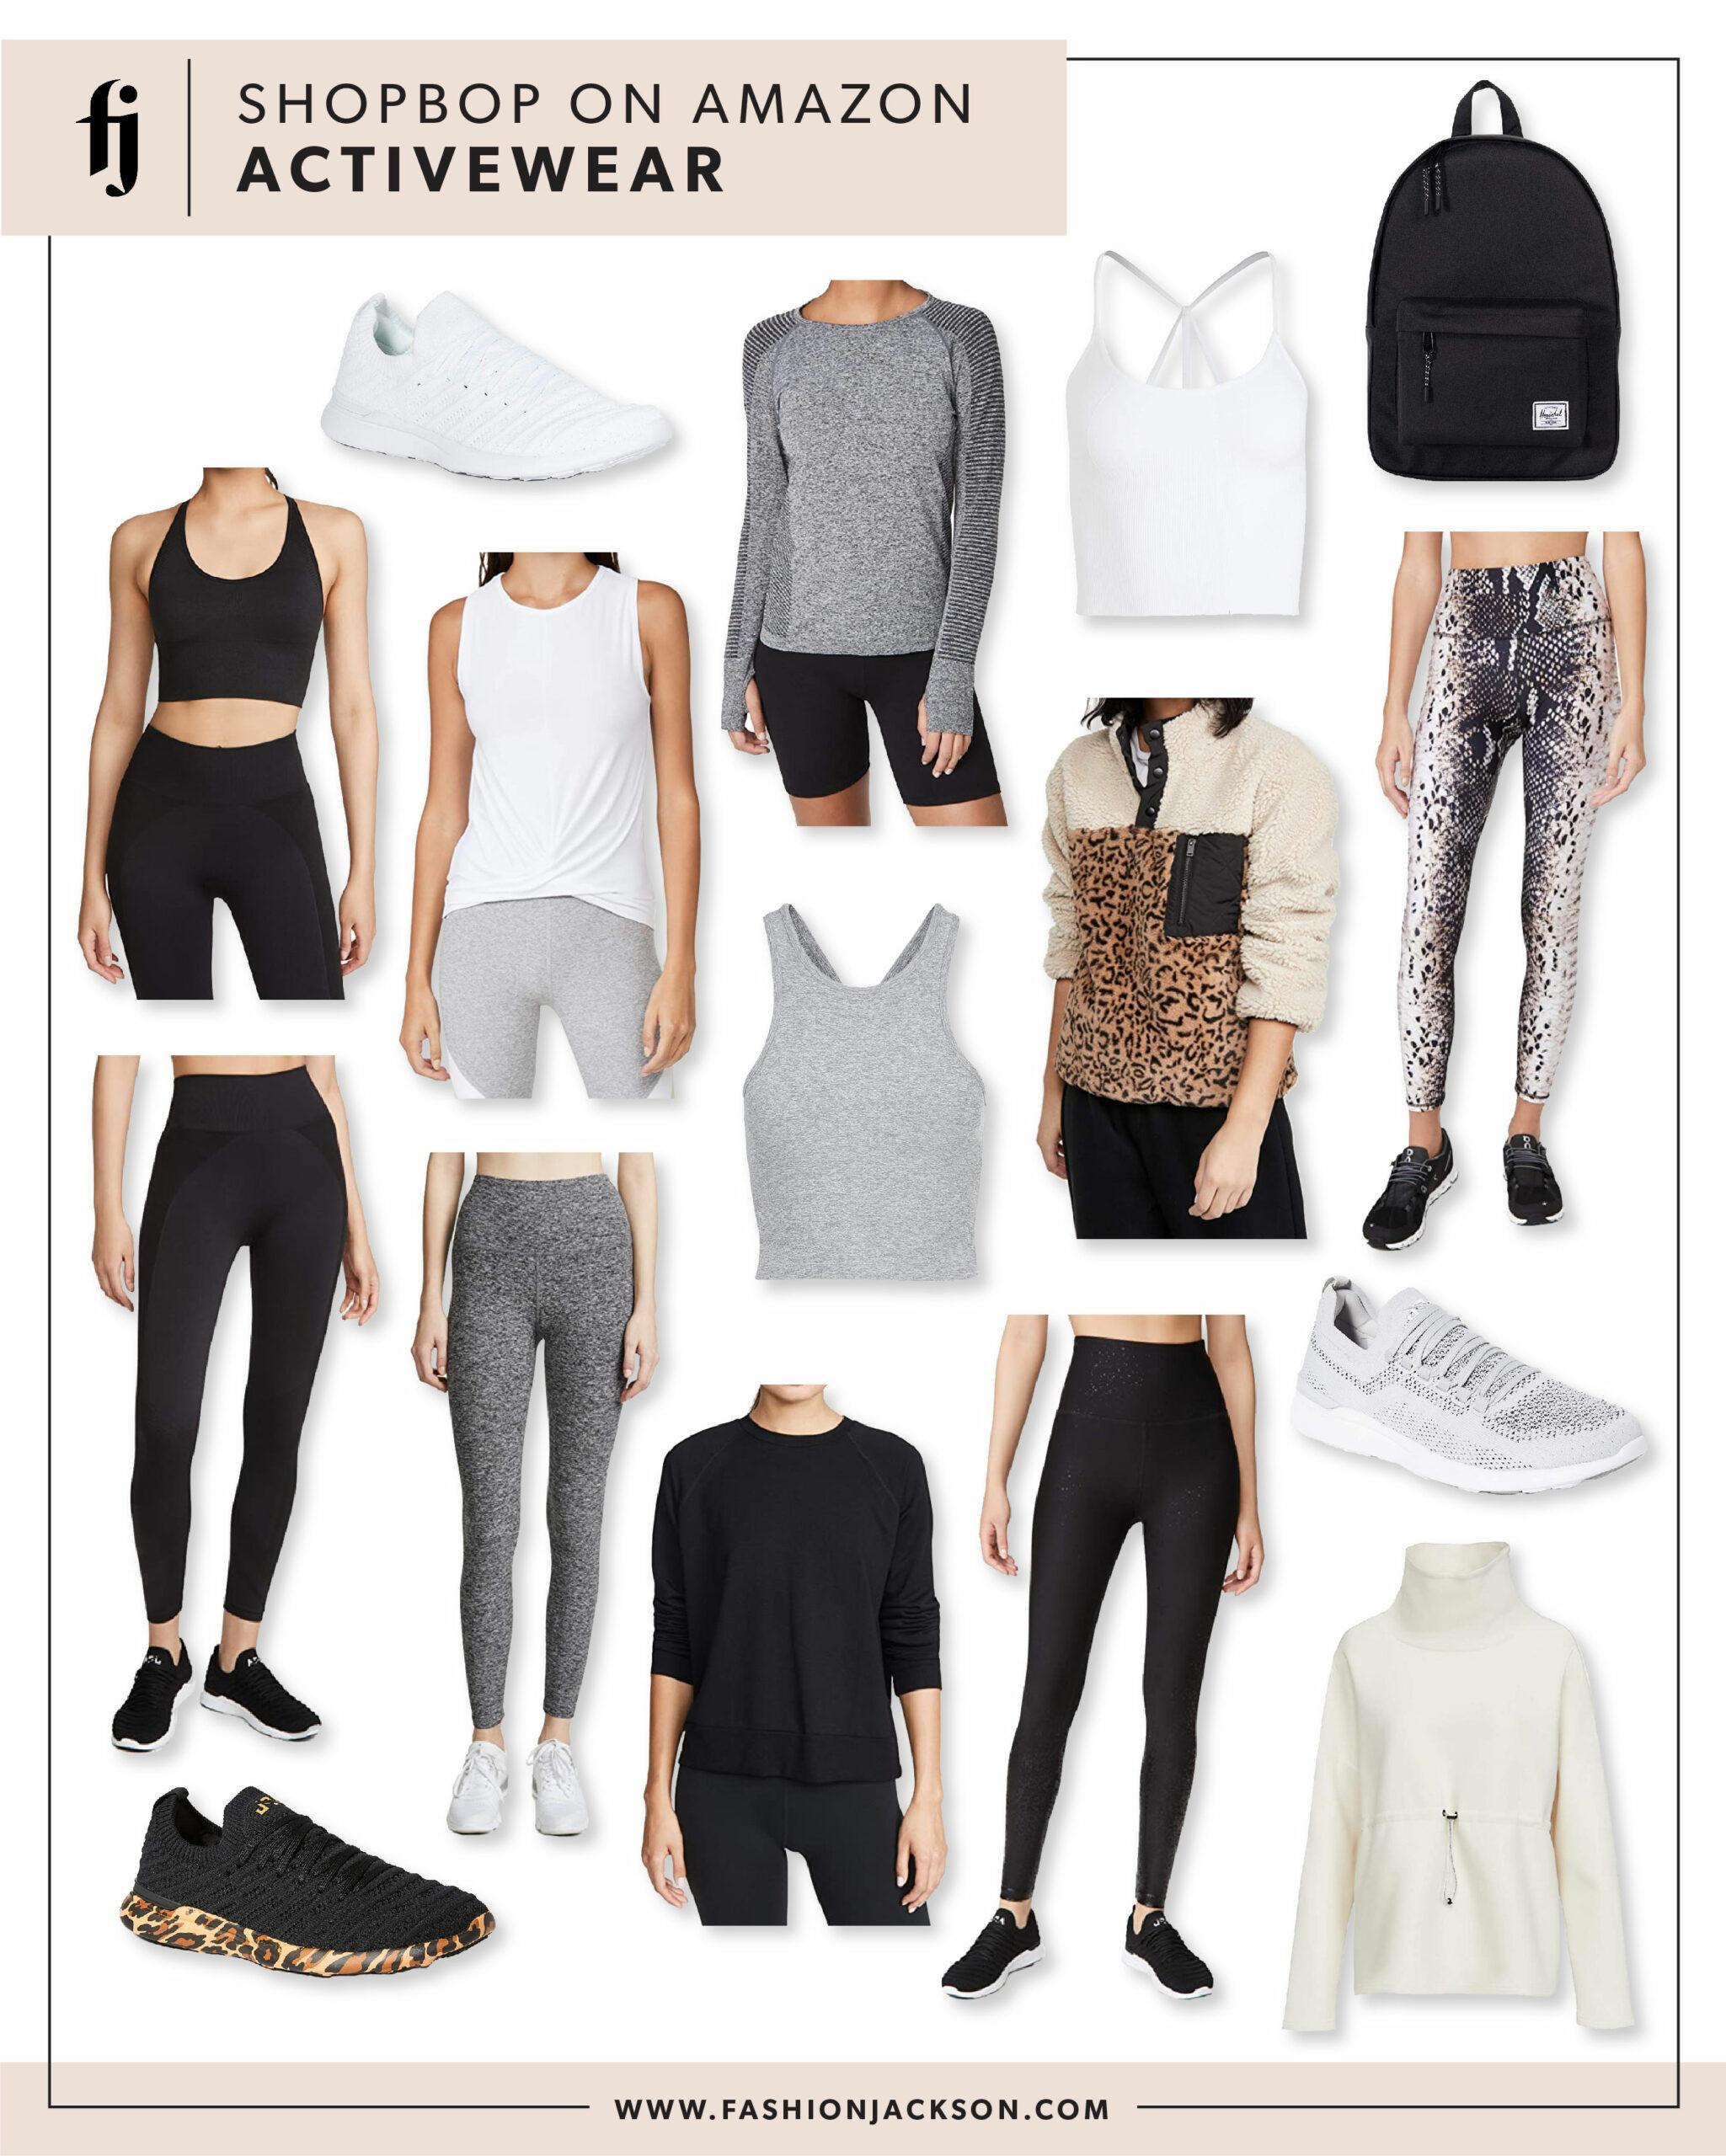 Shopbop Activewear